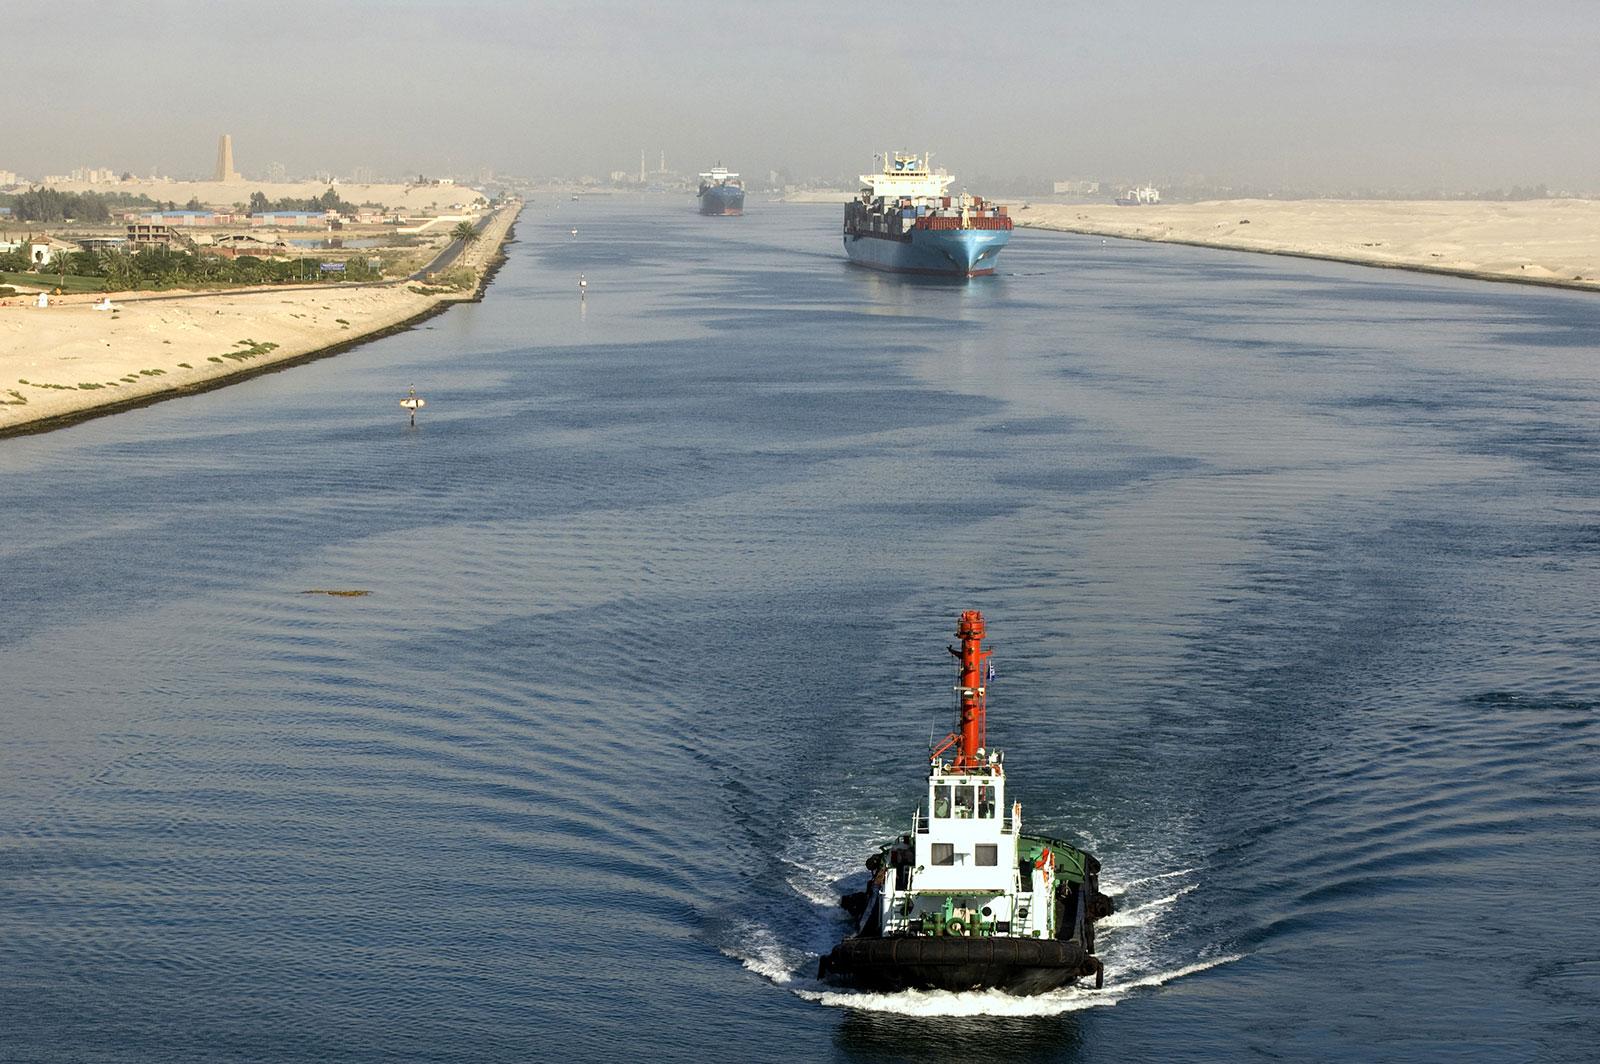 इजिप्टले स्वेज नहरको दक्षिणी भागलाई अझ फराकिलो र गहिरो बनाउने